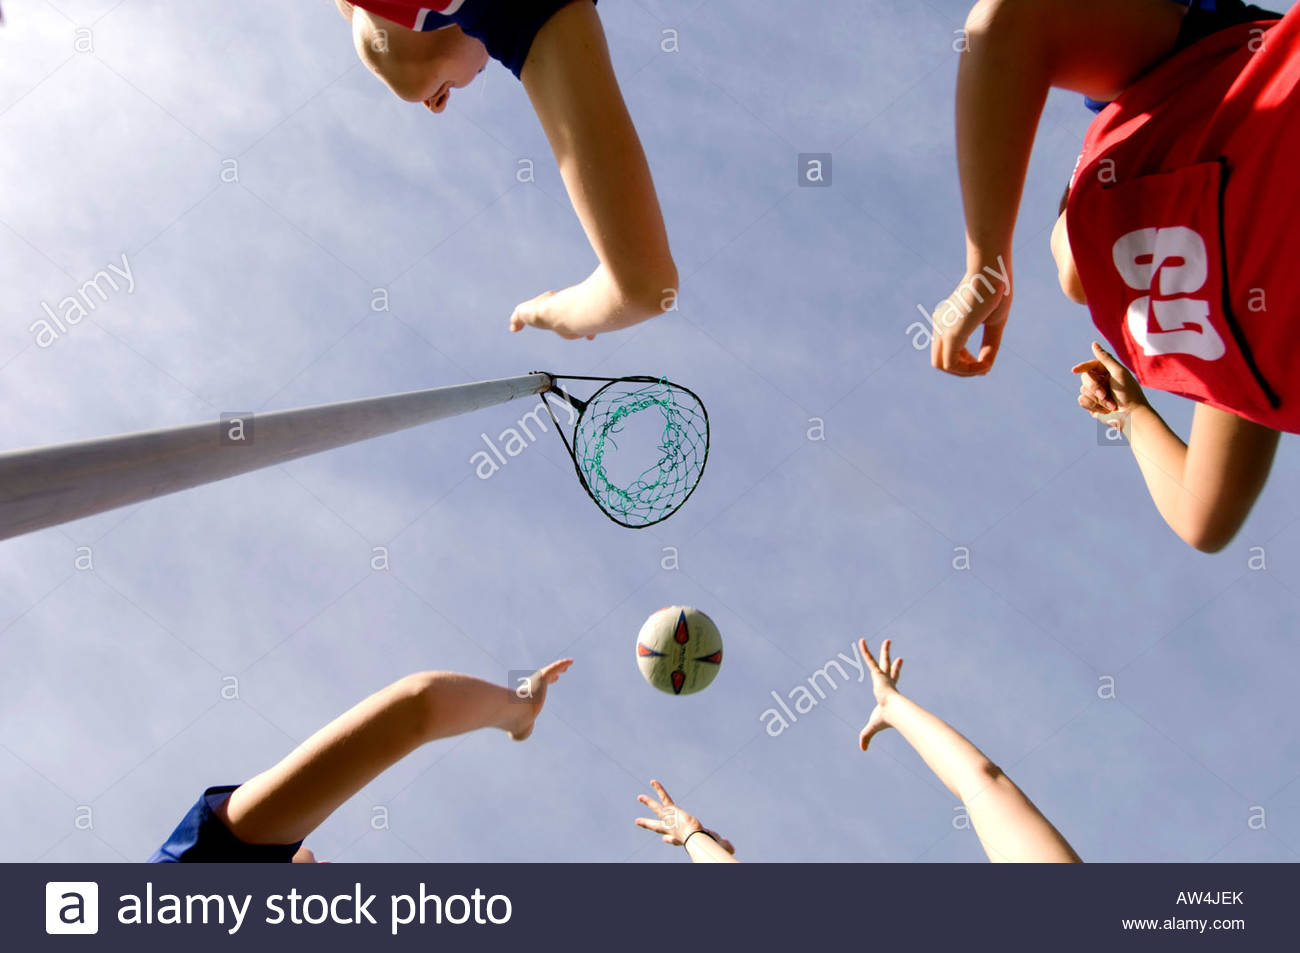 Mujer jugando baloncesto con balón y net contra un cielo azul Imagen De Stock